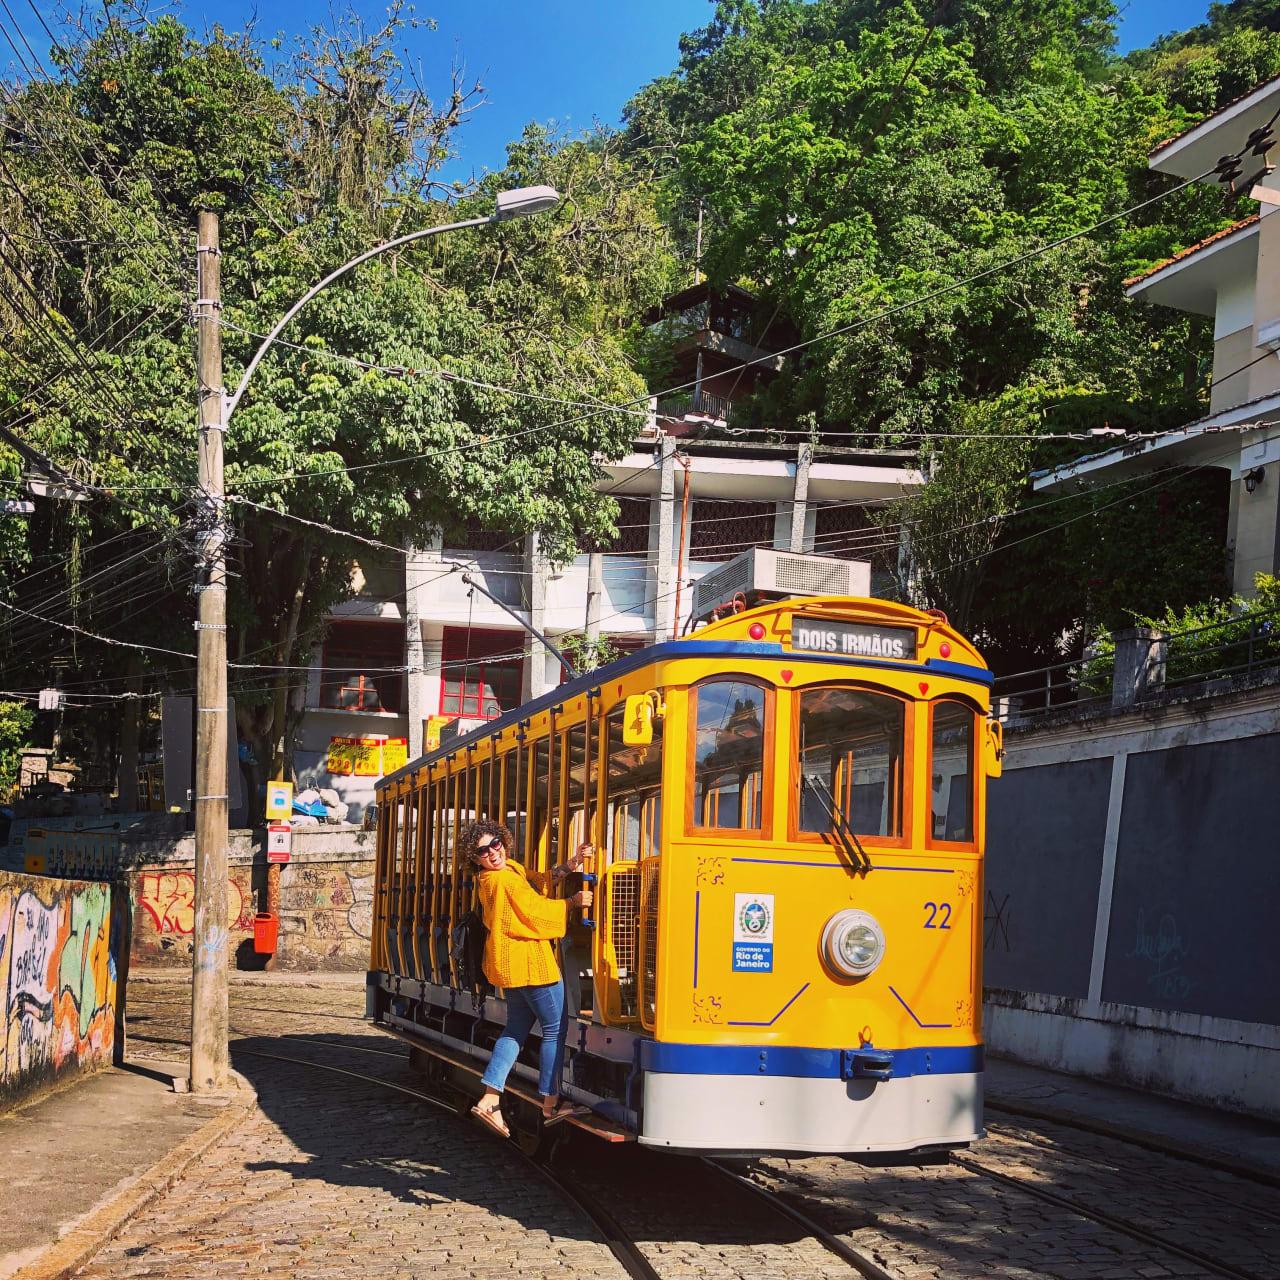 Rio de Janeiro - Ride on a Yellow Tram in Santa Teresa